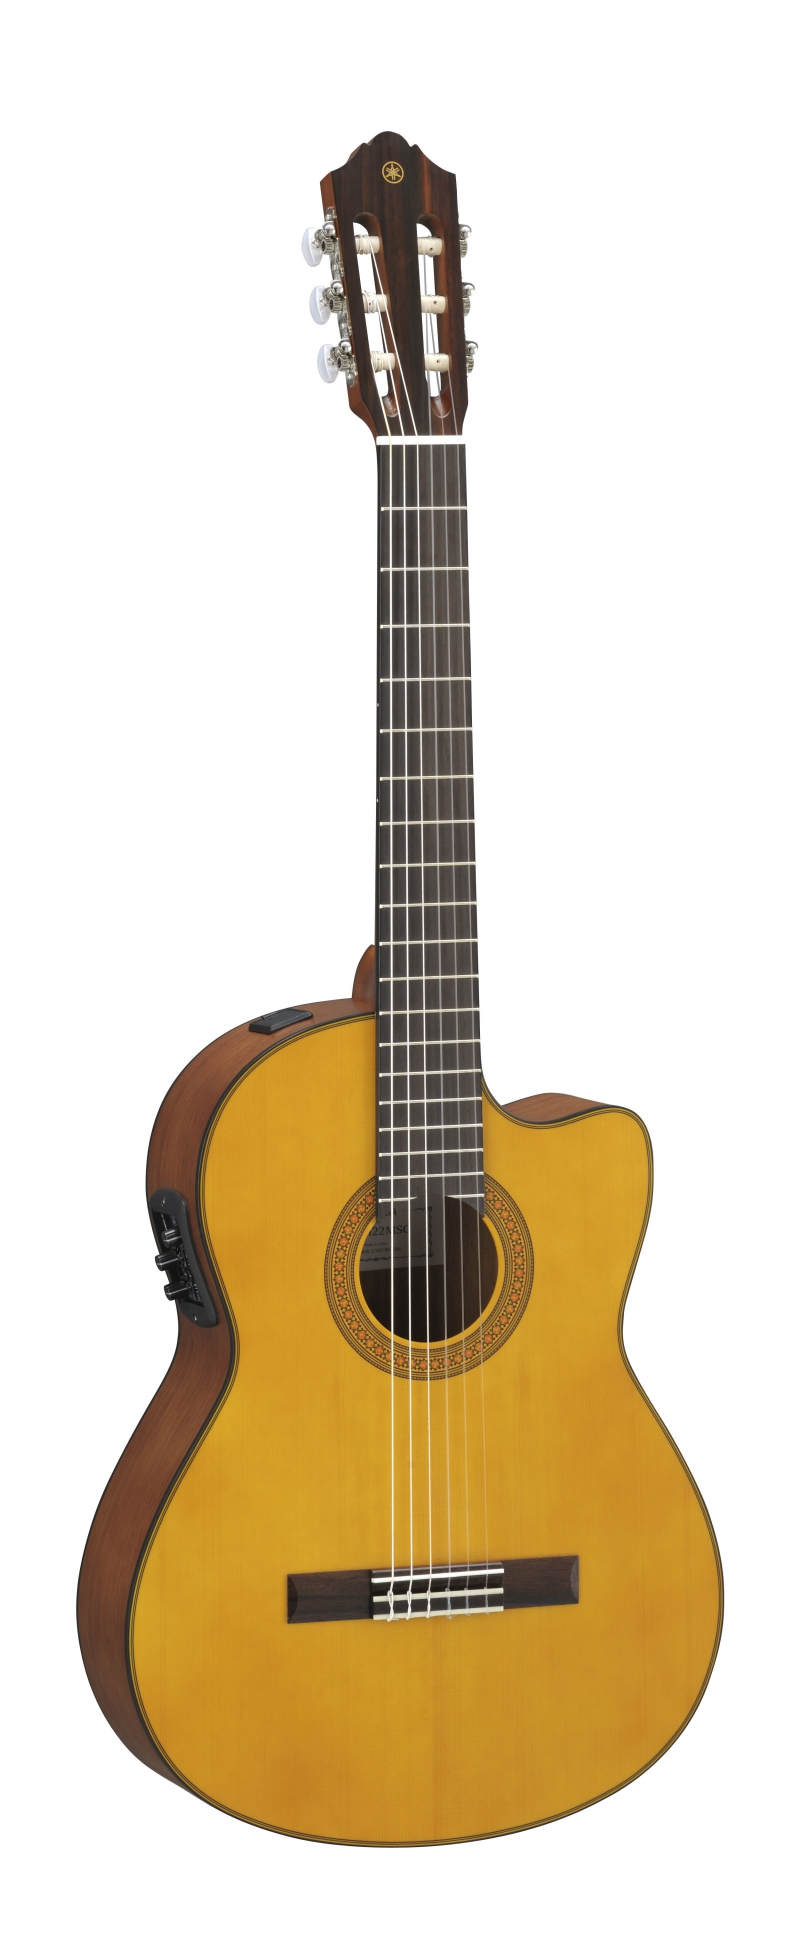 Yamaha CGX122MCC klasiskā ģitāra ar elektroniku